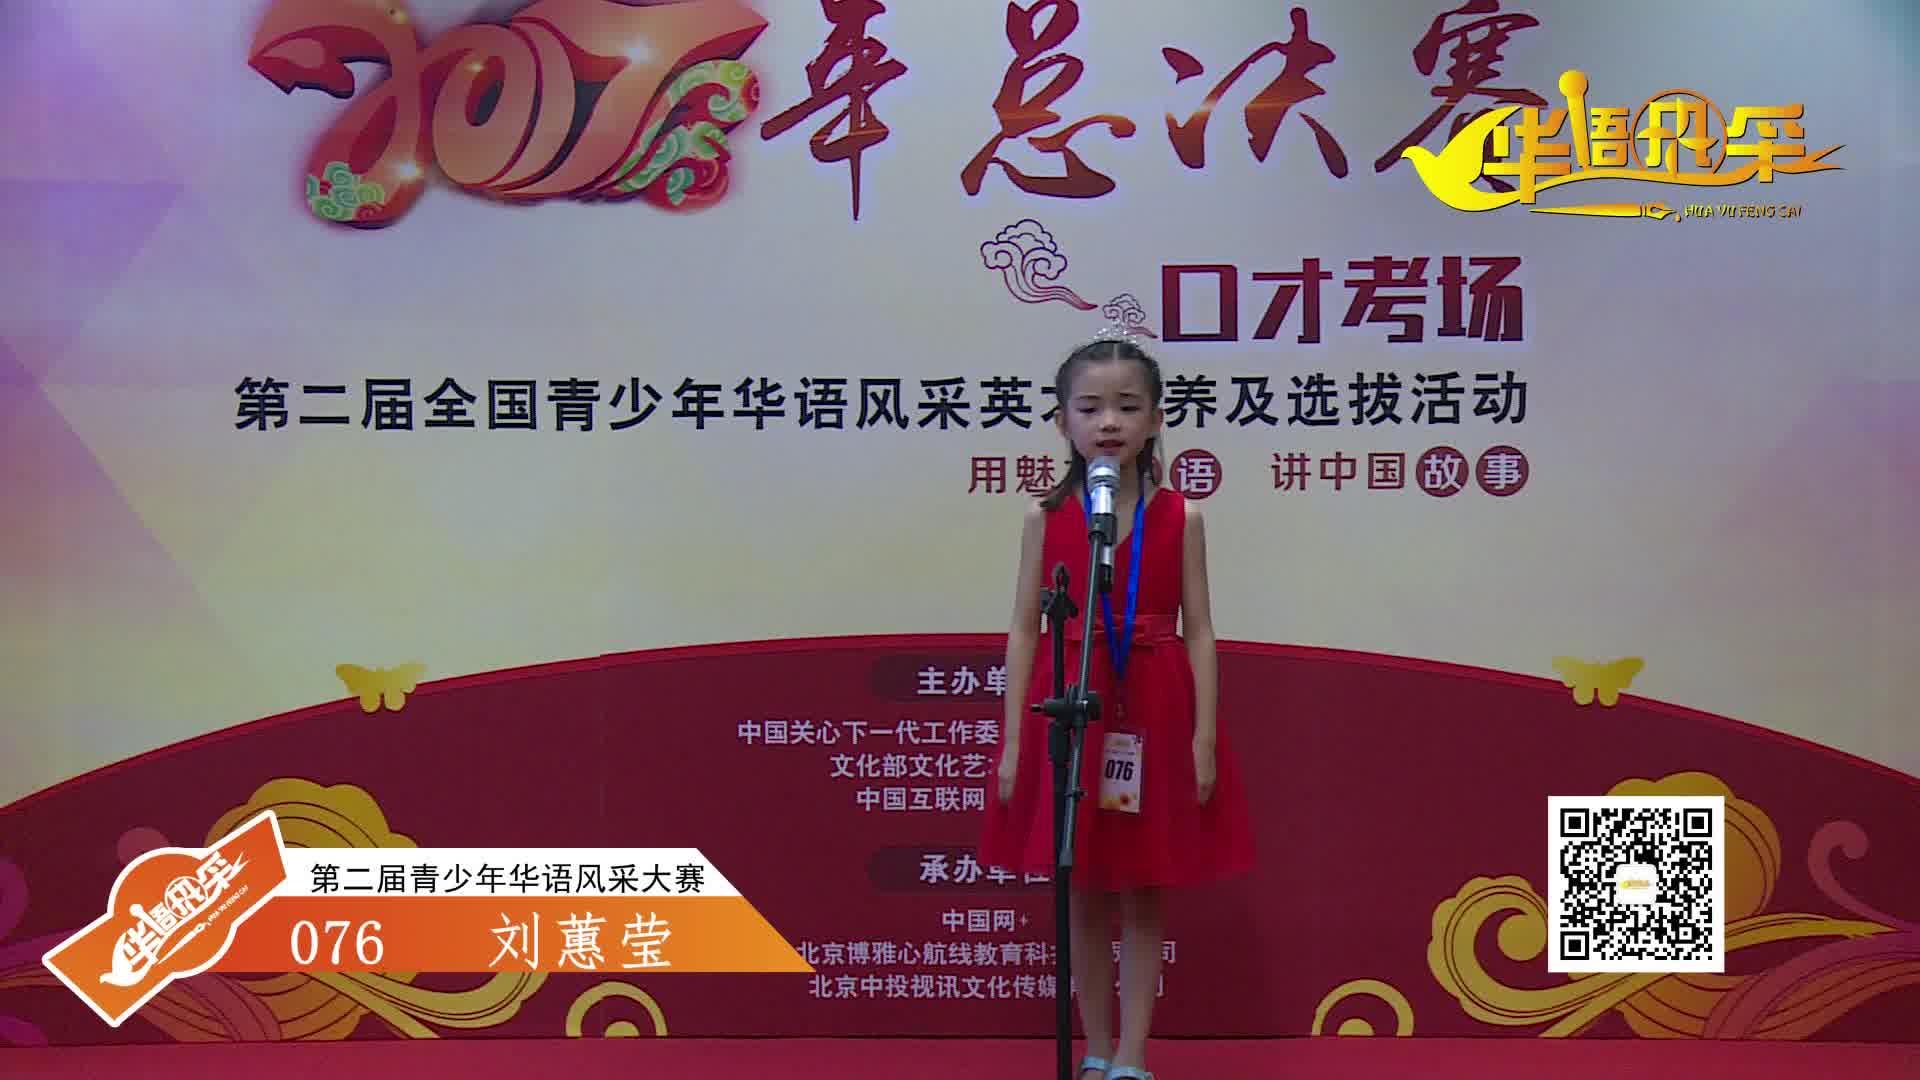 076号选手:刘蕙莹